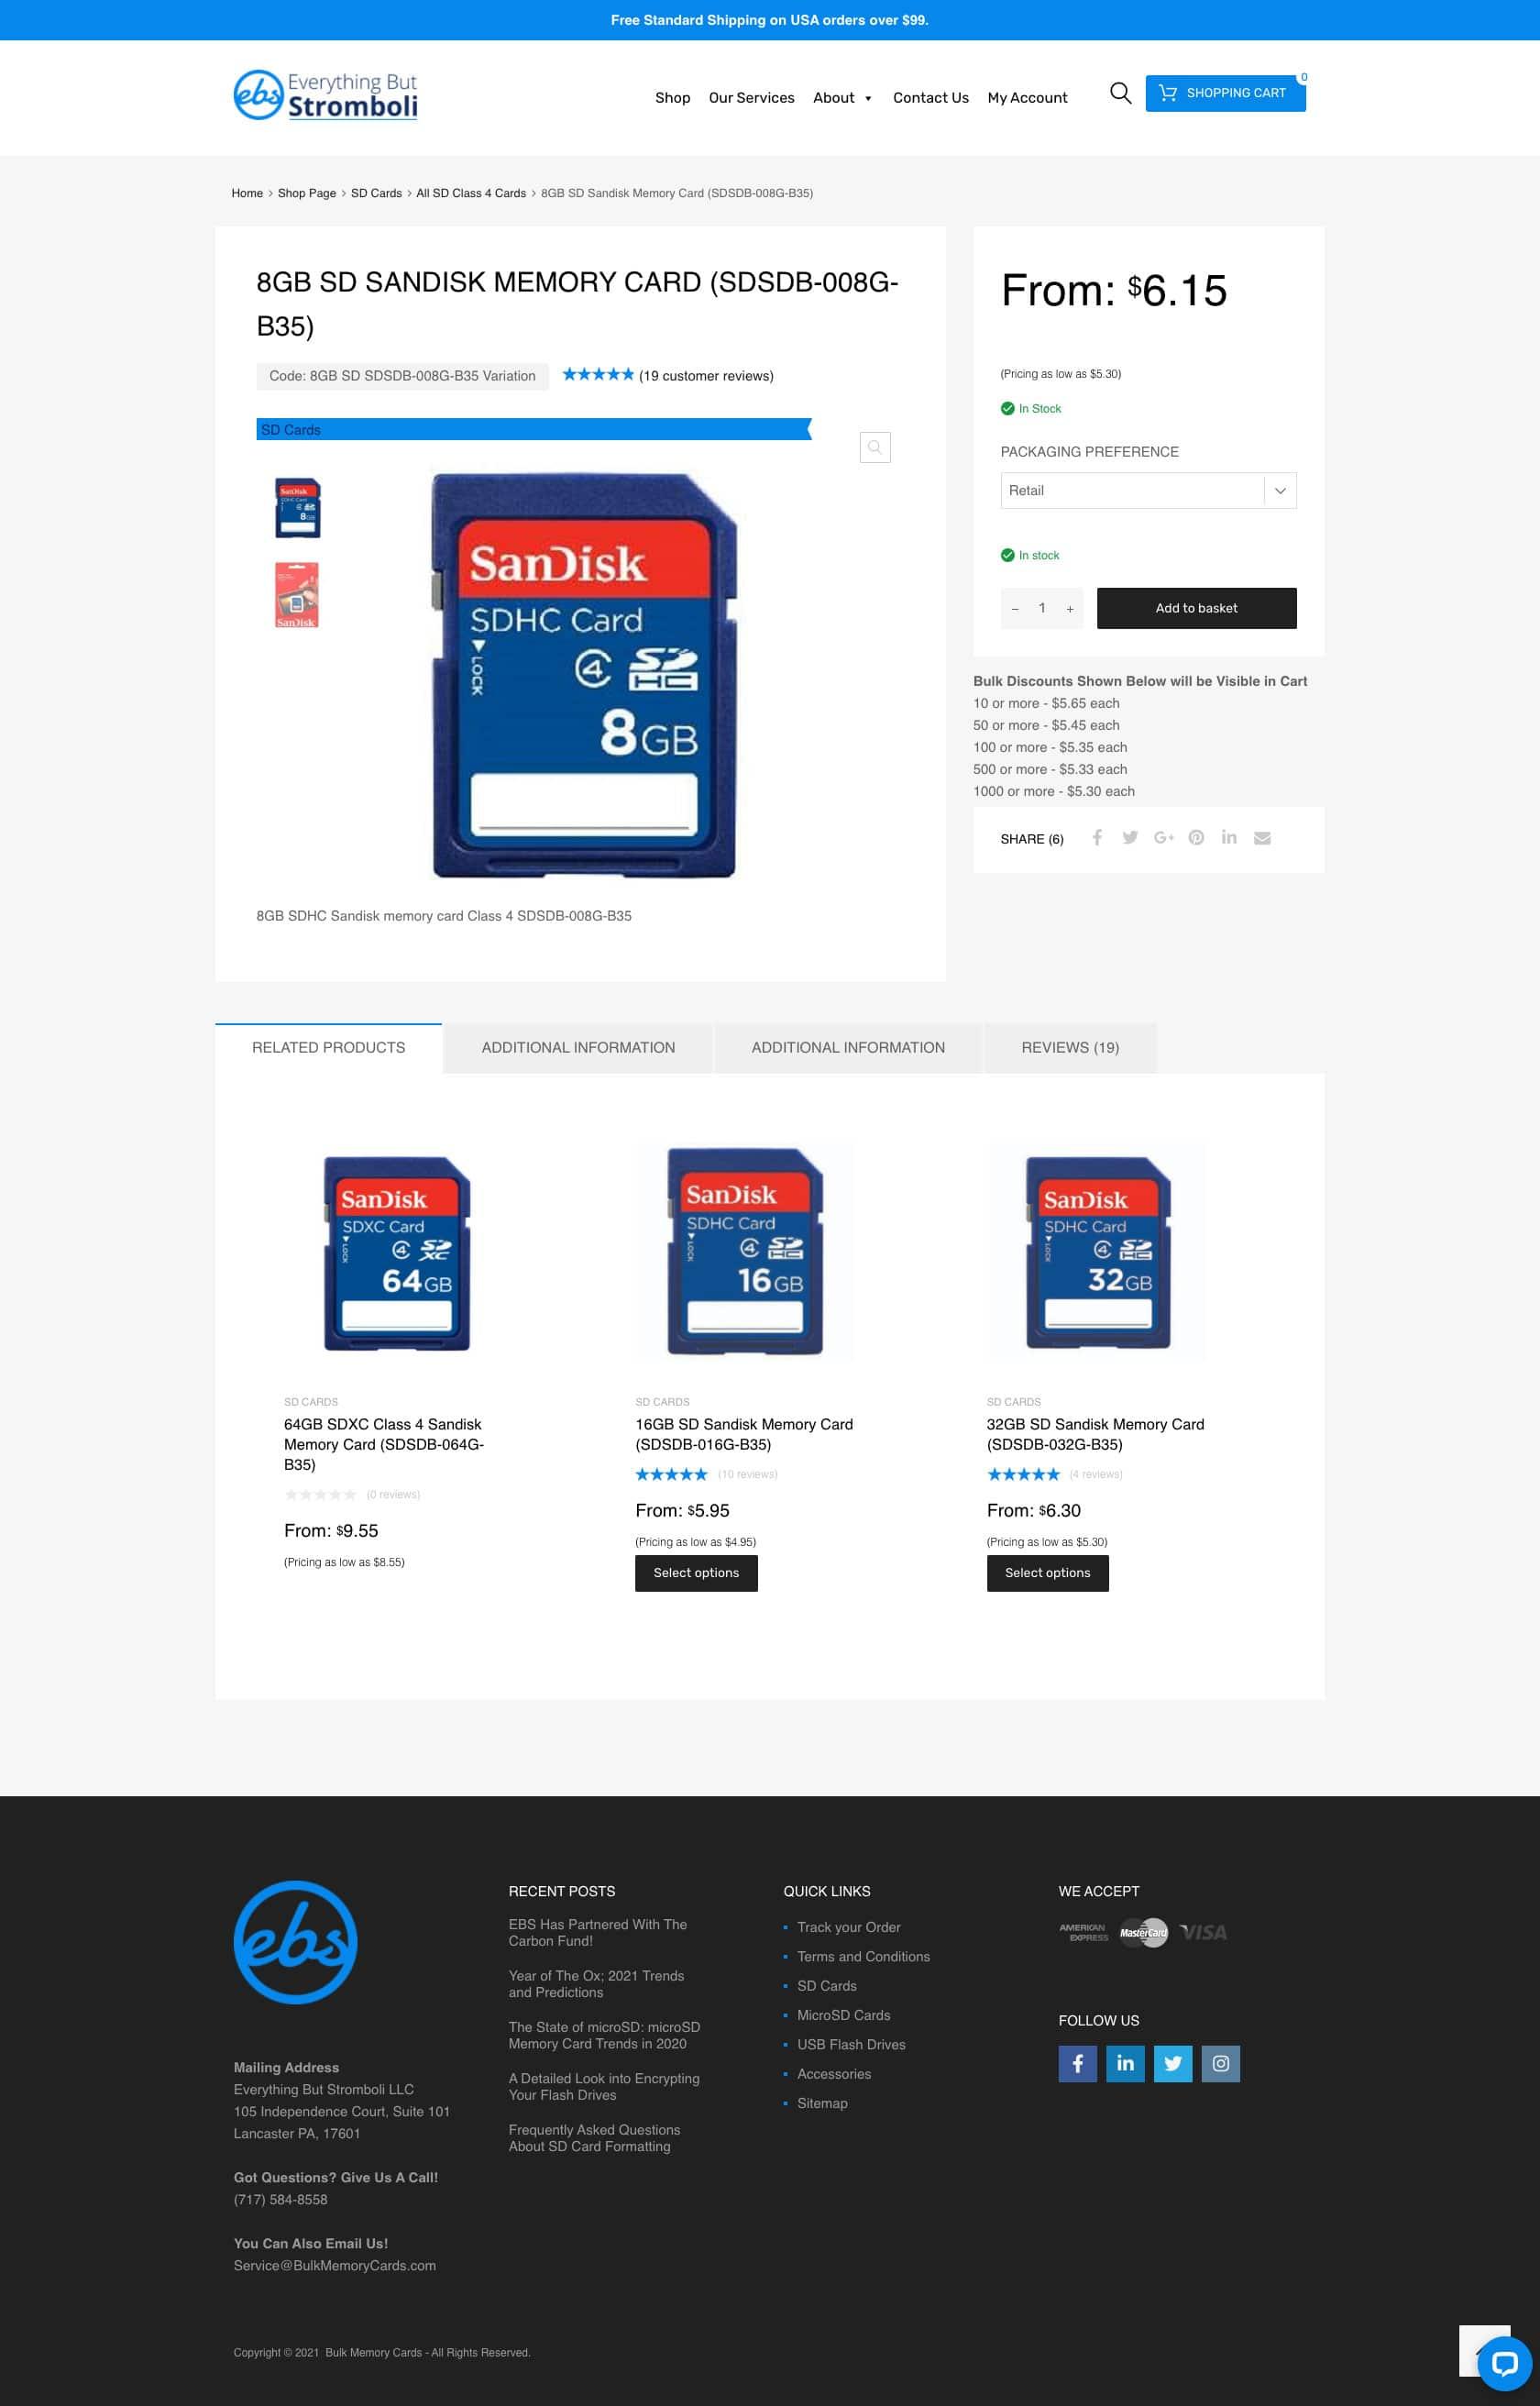 Bulkmemorycards.com product page